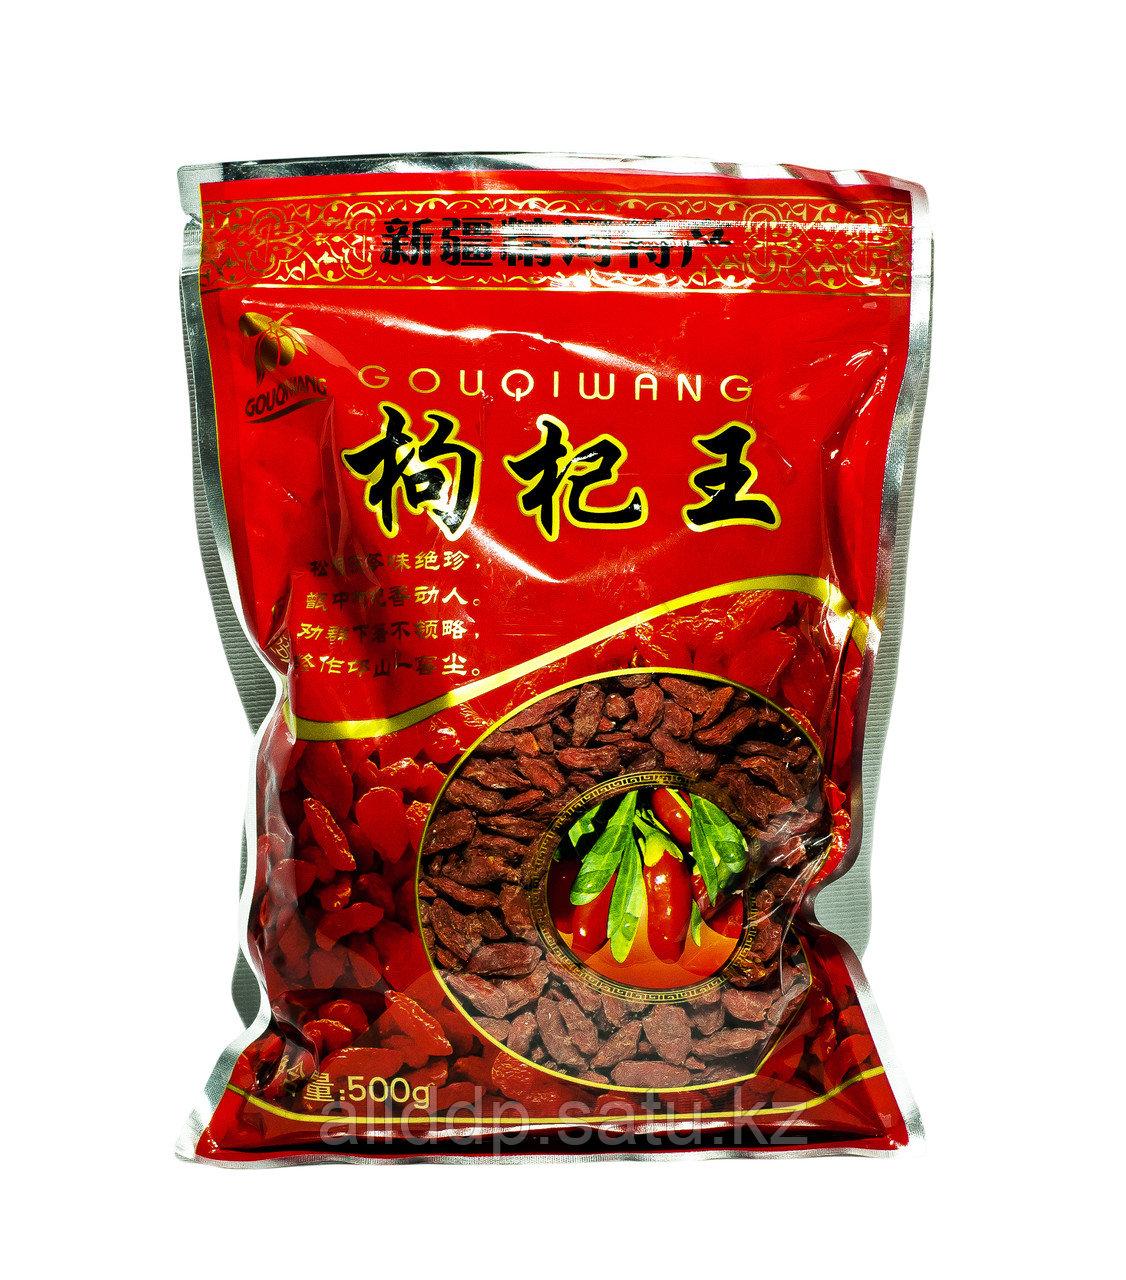 Ягоды годжи сушеные Gouqiwang, 500 г